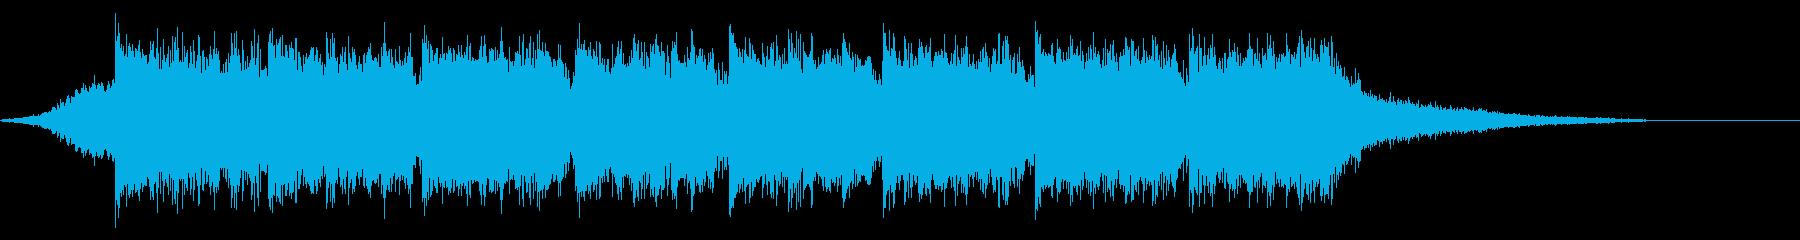 企業VP映像、118オーケストラ、爽快cの再生済みの波形